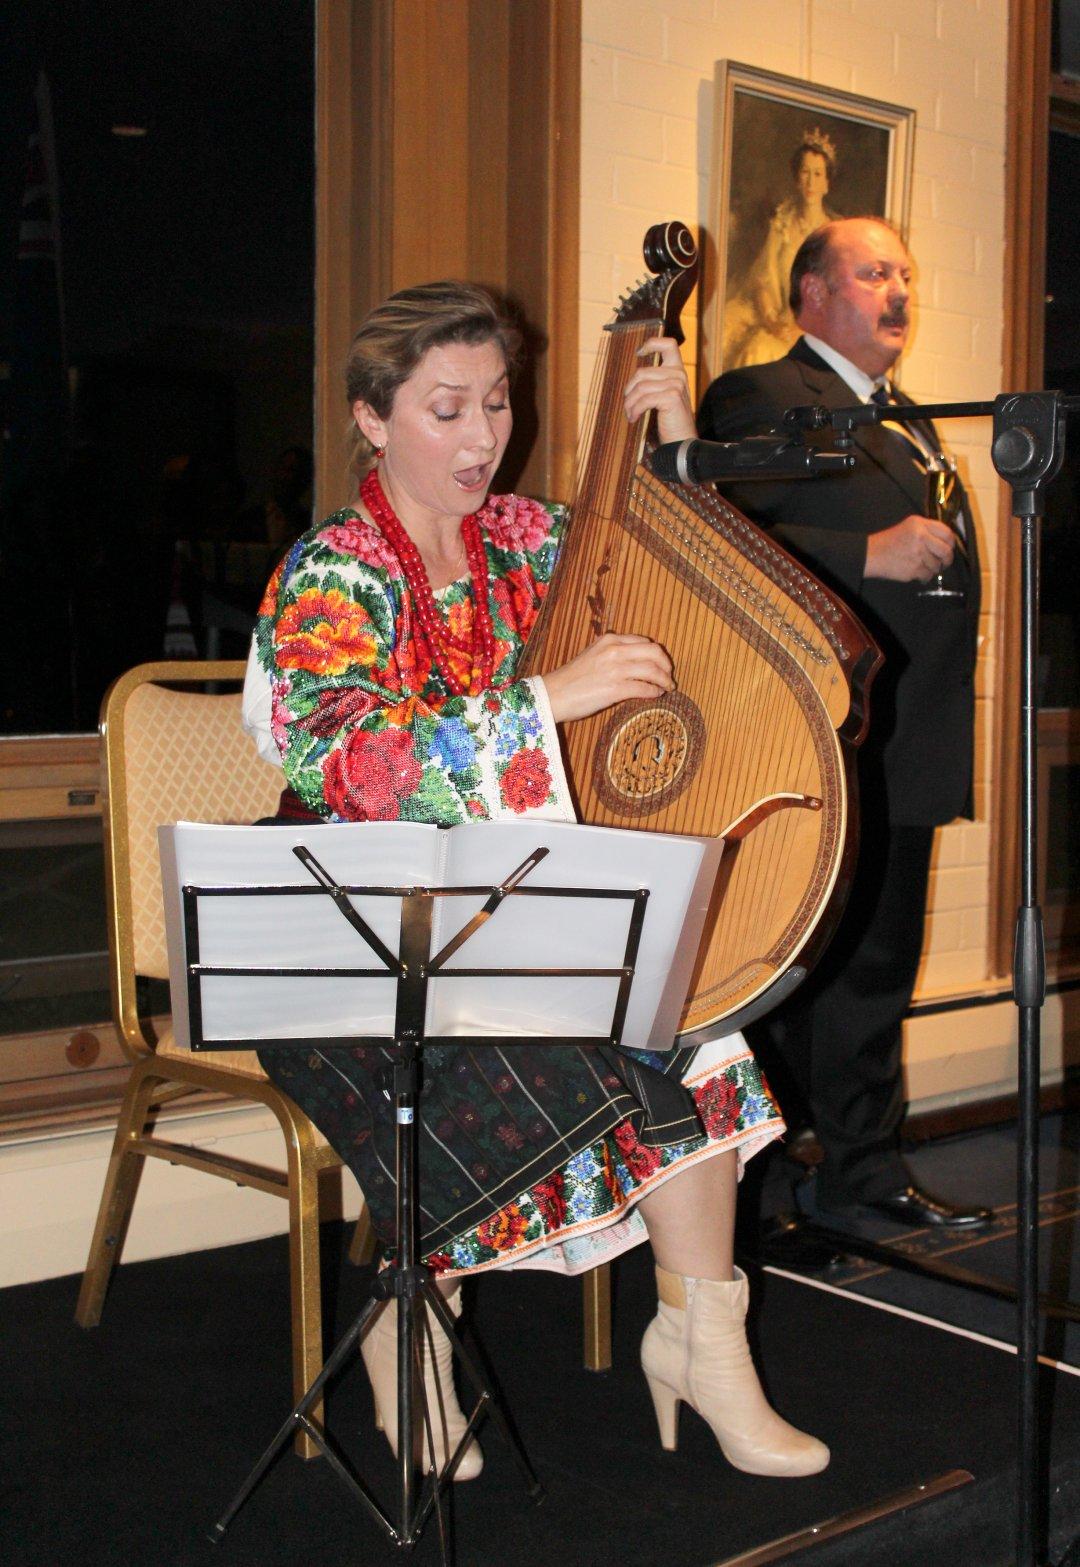 Золотий голос України в Австралії сіднейська бандуристка Лариса Ковальчук виконує національний гімн України